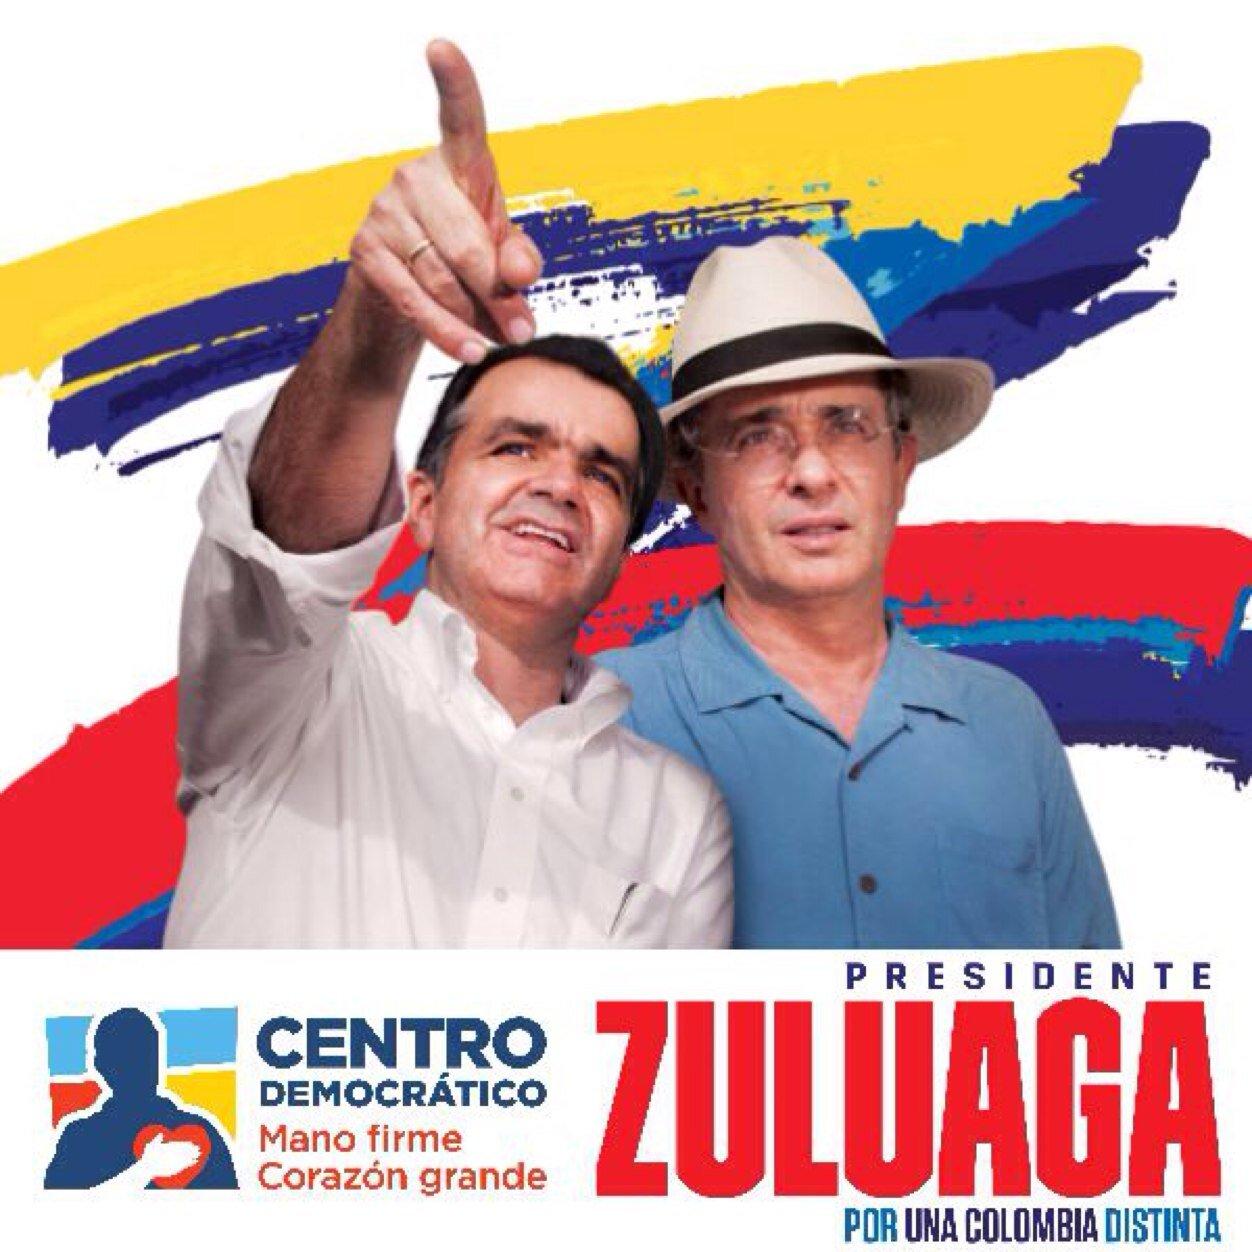 Nacionalismo/Criollismo Zuluaga-alvaro